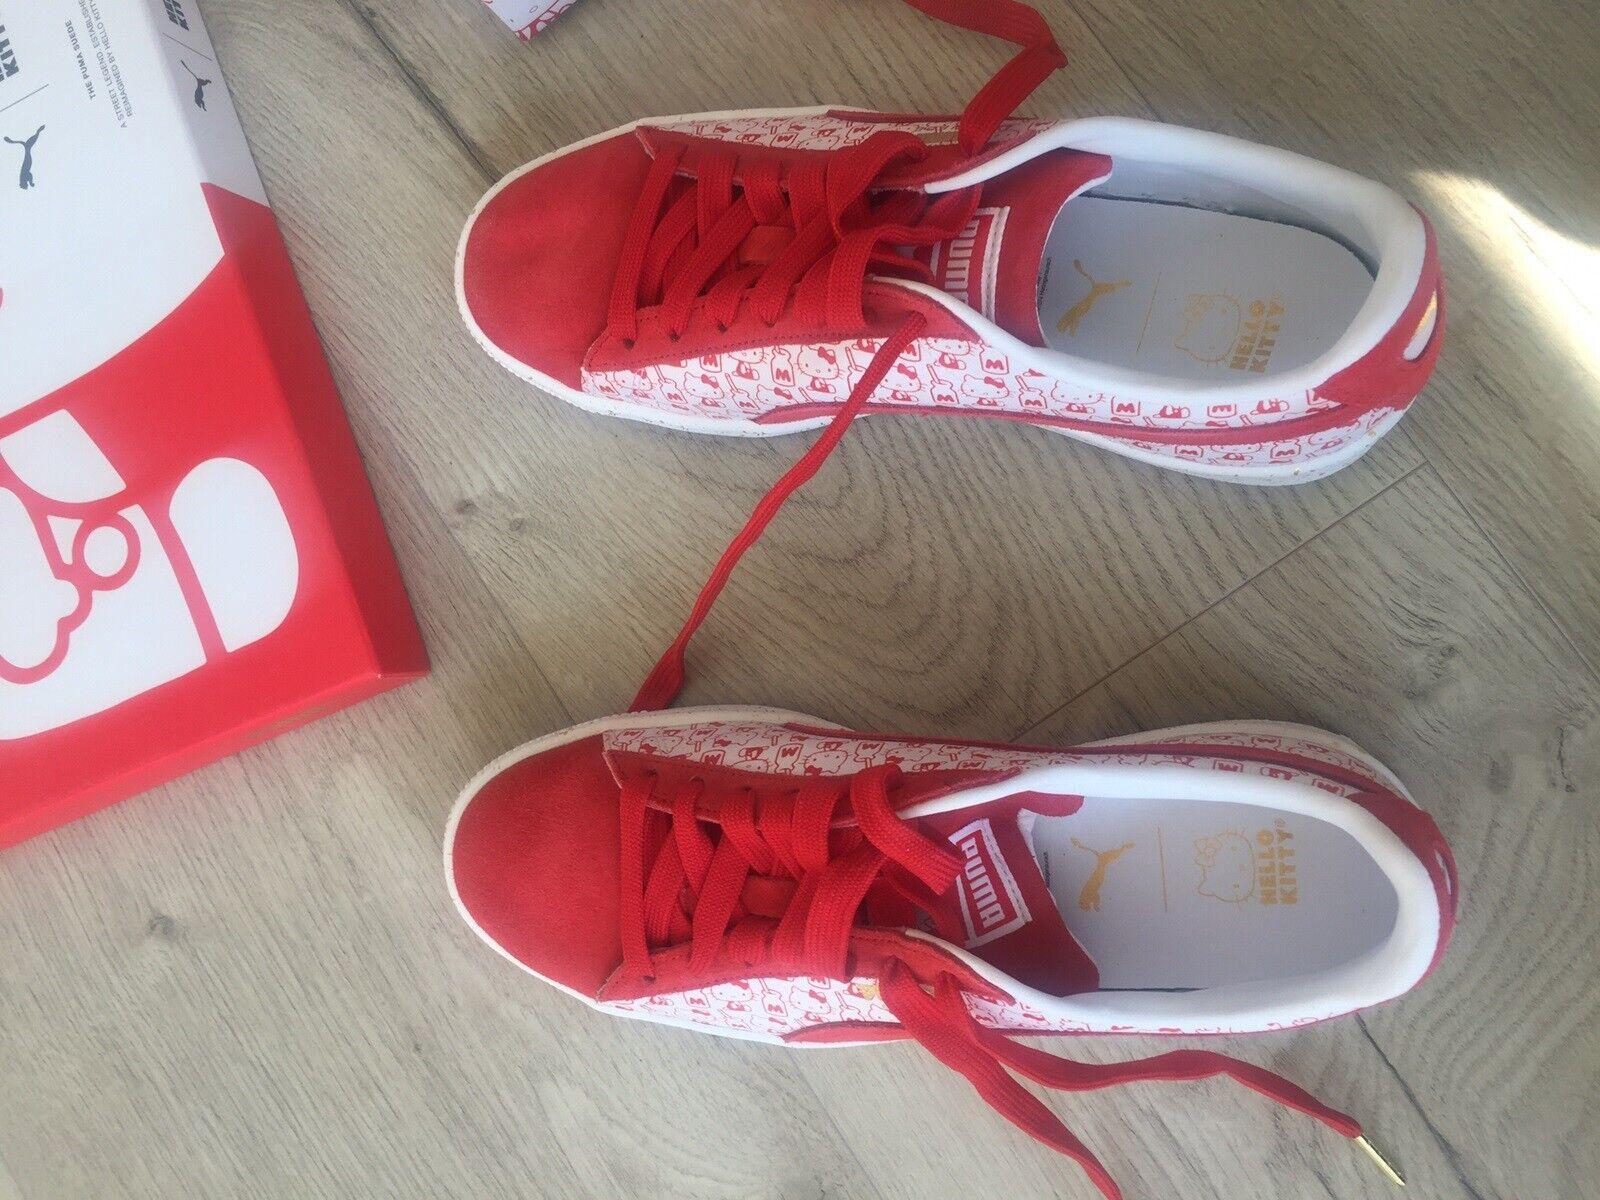 Sneakers, str. 38, Puma hallo – dba.dk – Køb og Salg af